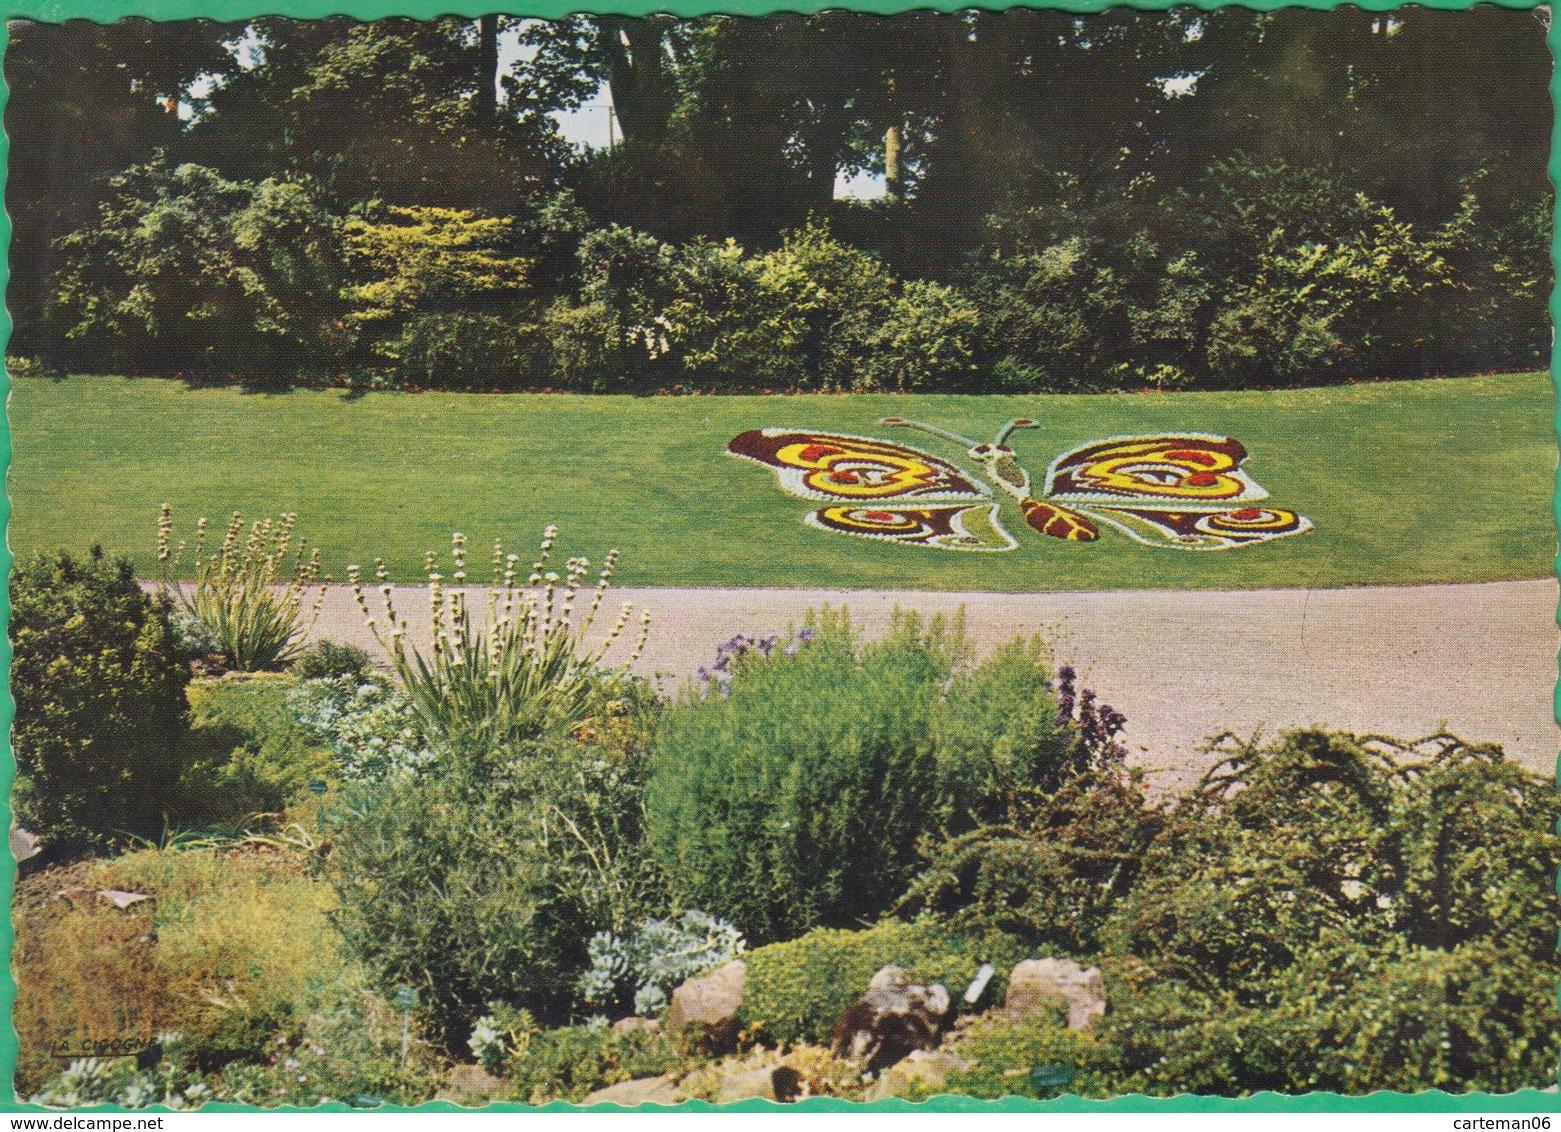 14 - Caen - Jardin Des Plantes - Le Papillon - Editeur: La Cigogne N°14118139 - Caen